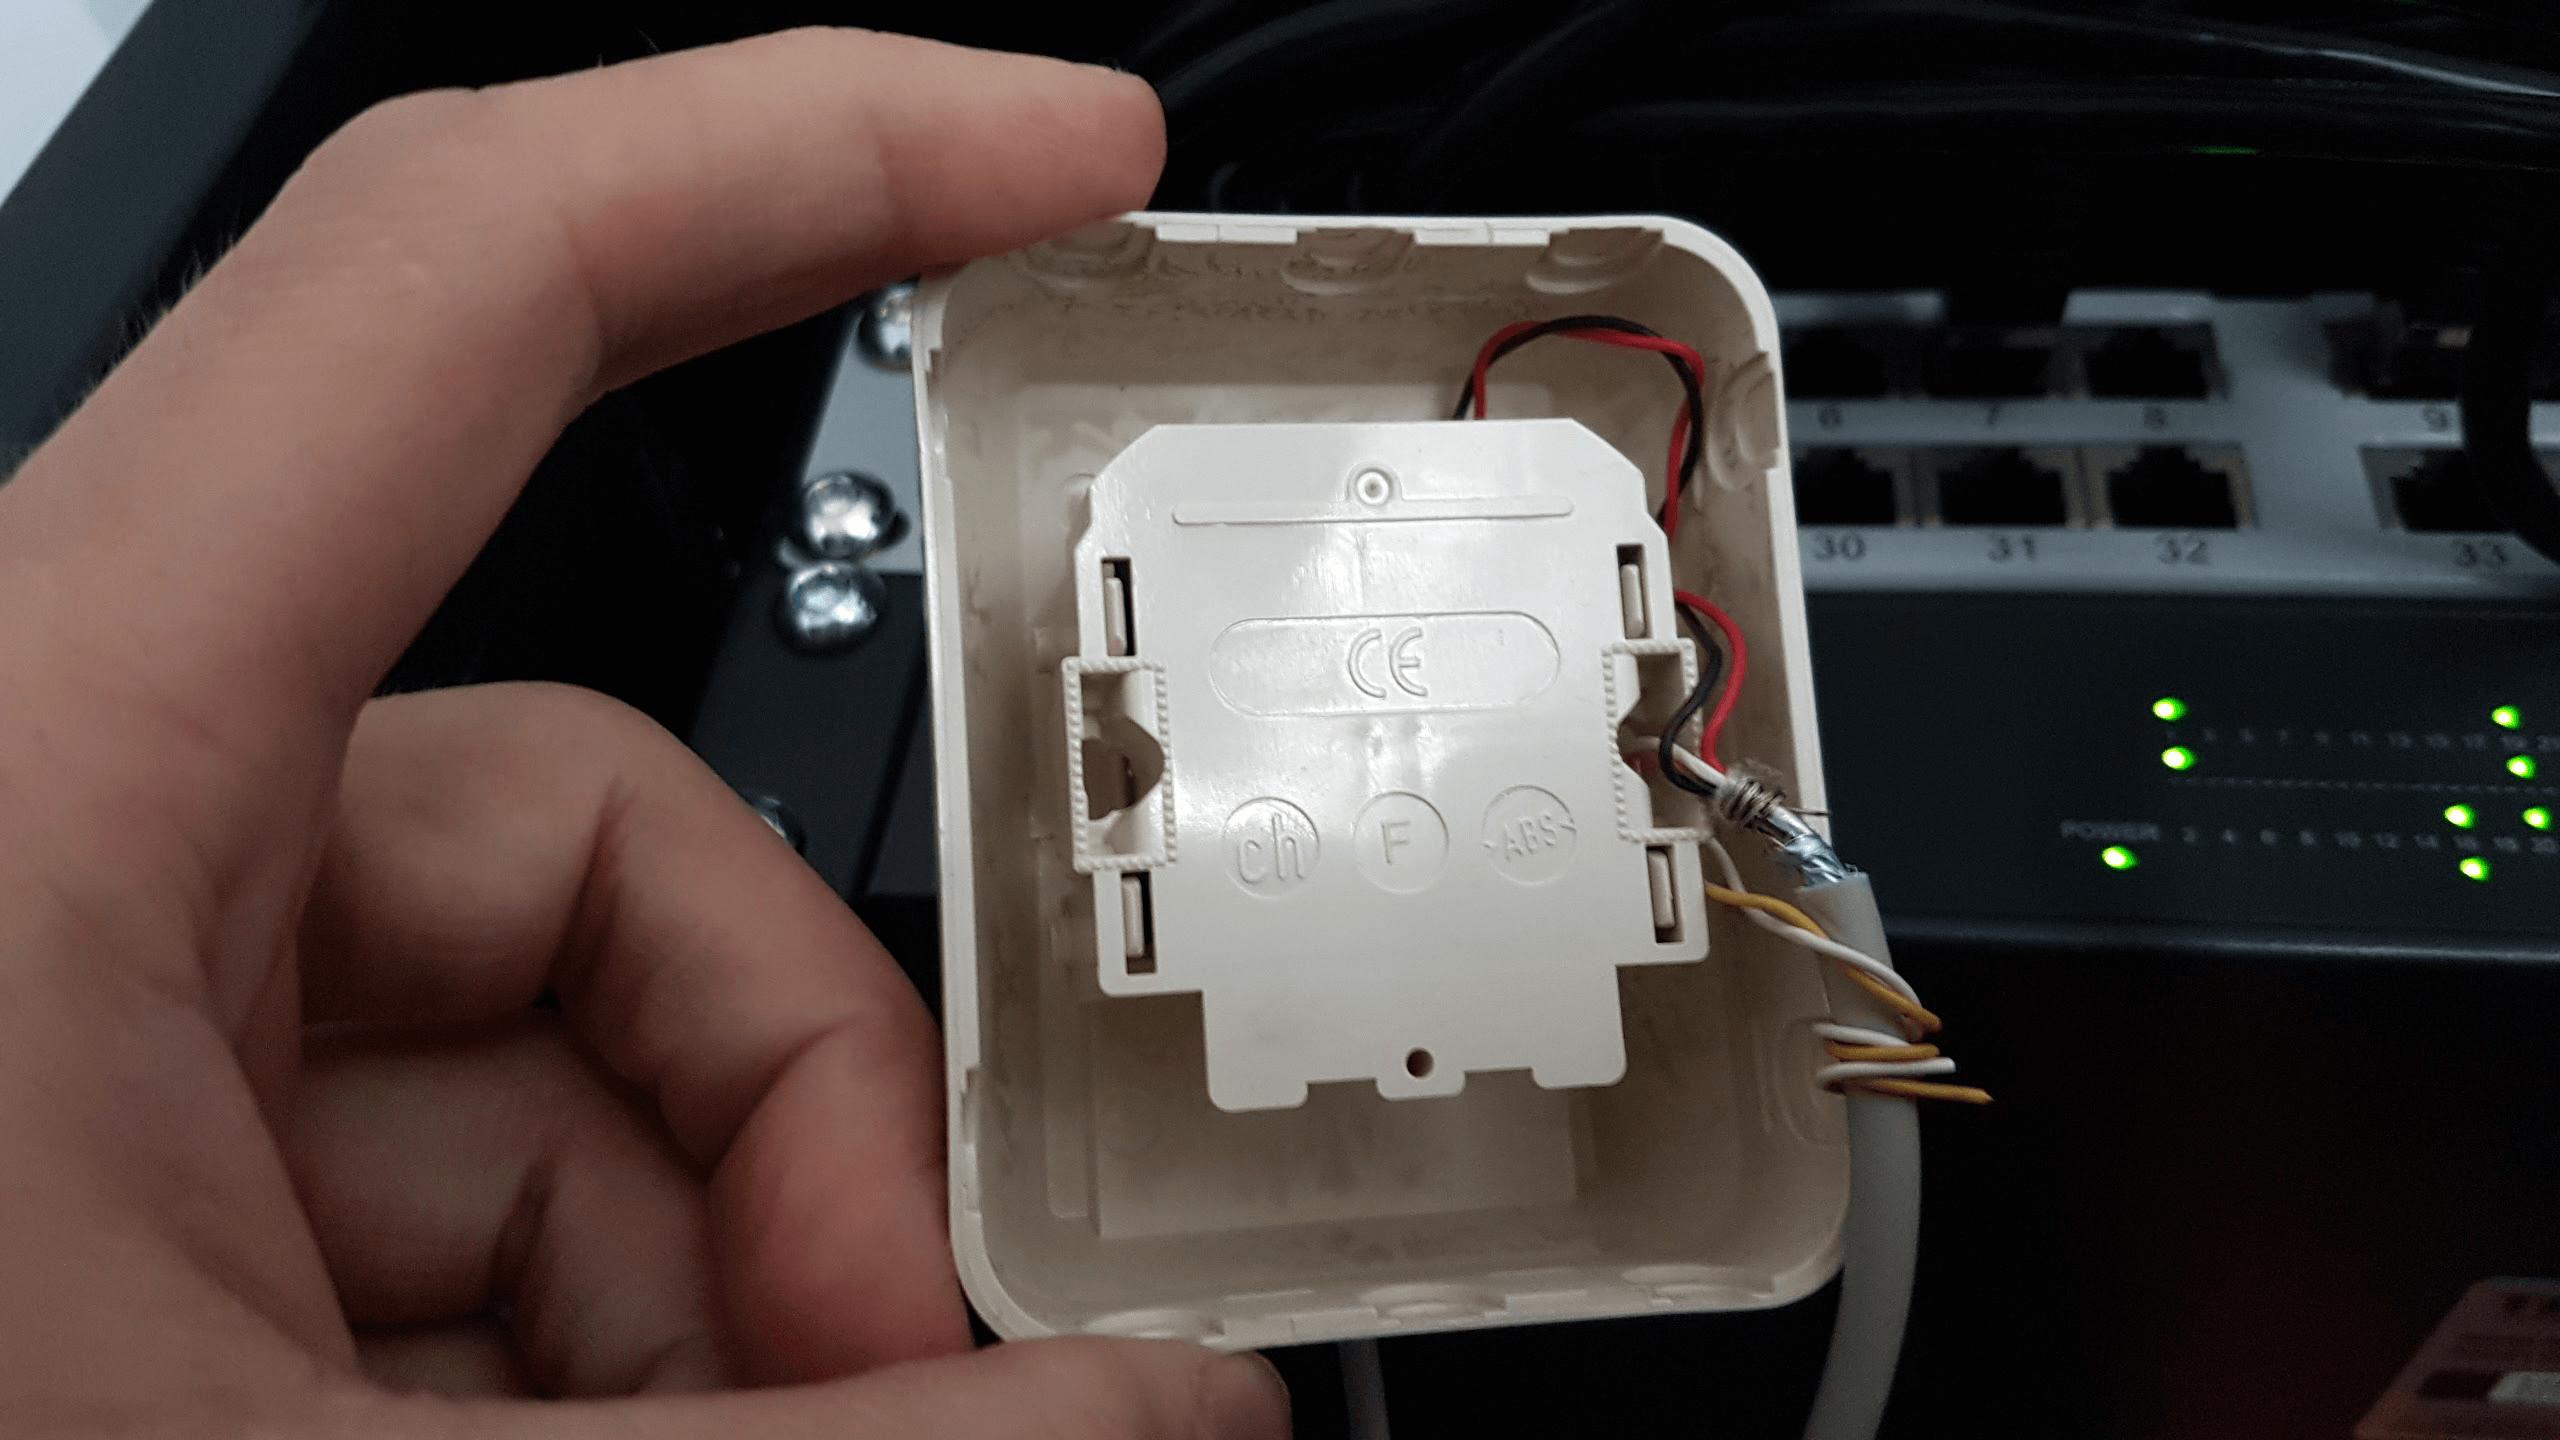 2 DSL-Anschlüsse bündeln in einem Haus [Anleitung]